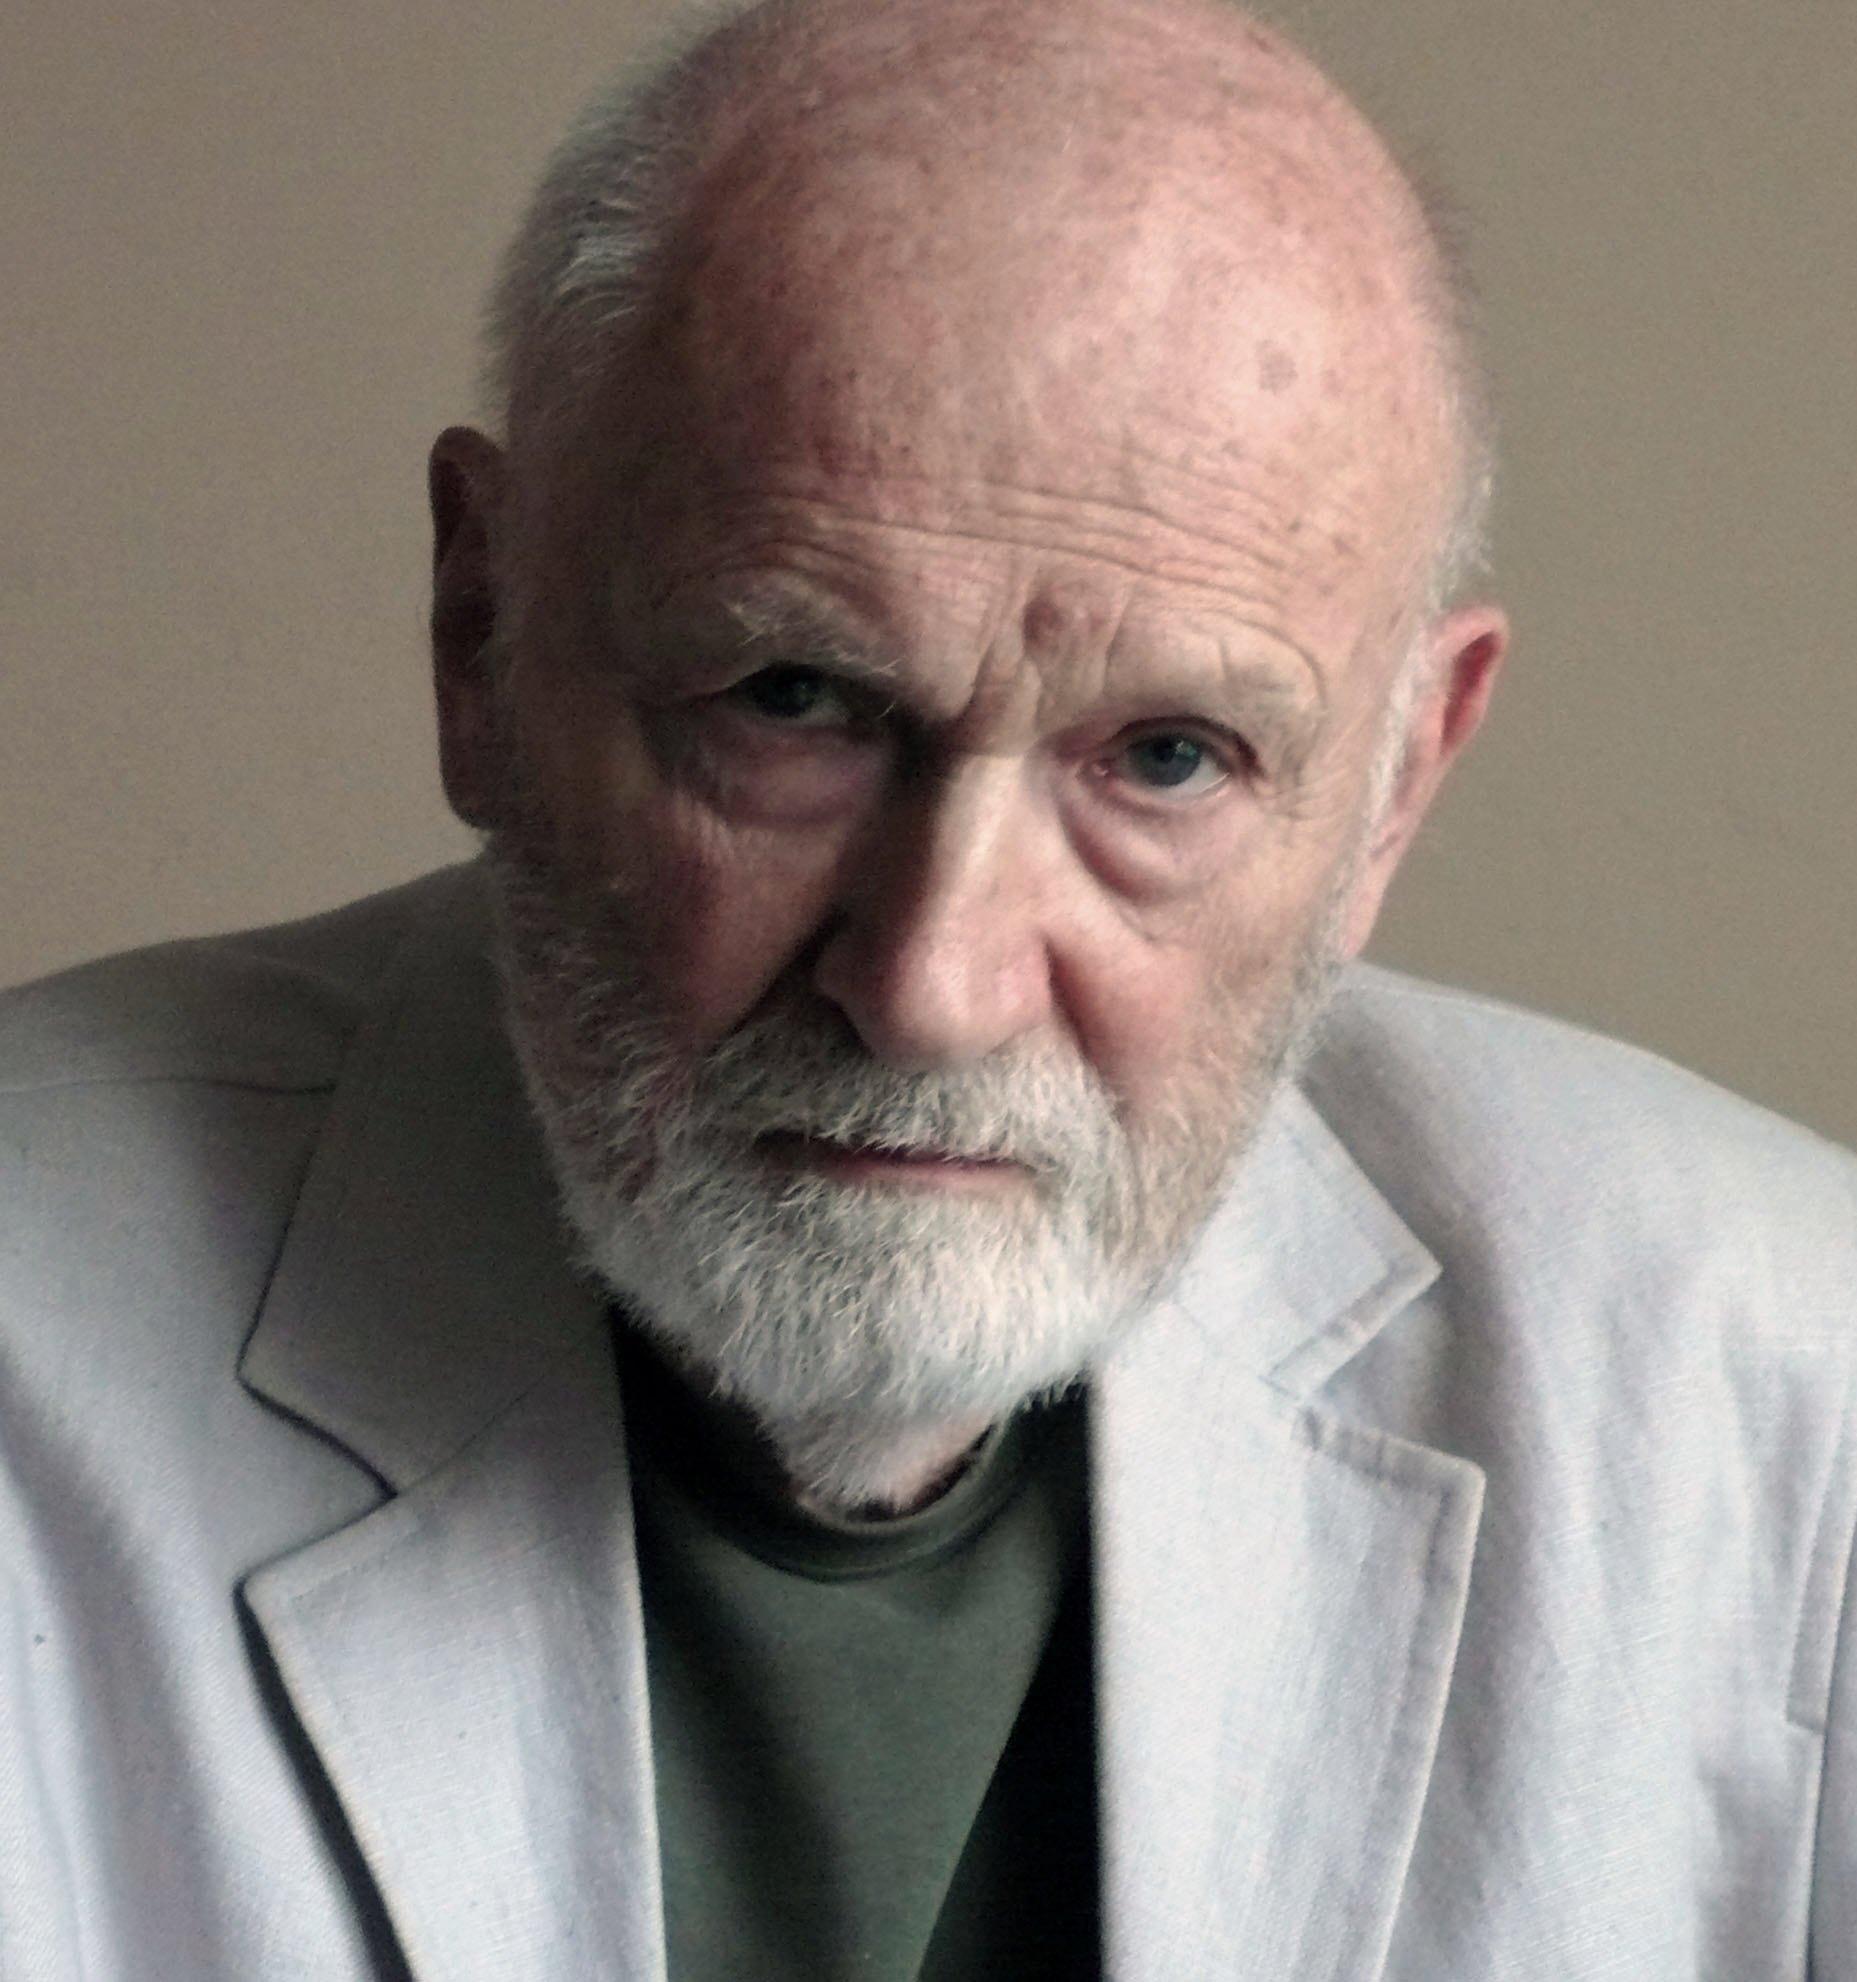 Andrzej J. Jaroszewicz nominowany w do Nagrody im. Norwida kategorii sztuki plastyczne 2020